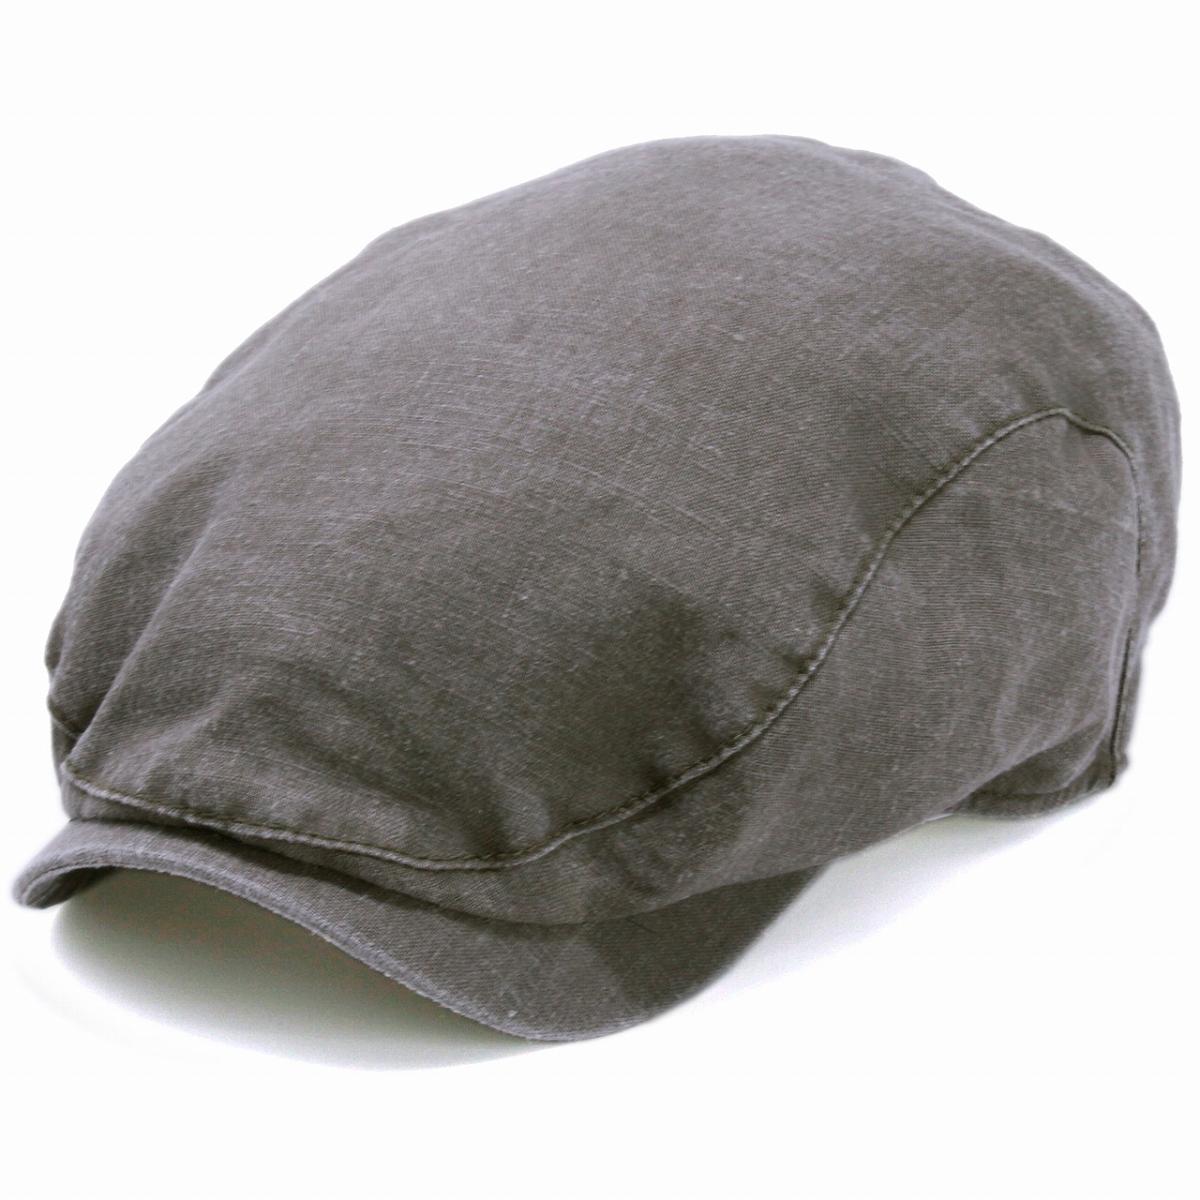 ハンチング メンズ 大きいサイズ ウォッシュドリネン WIGENS 帽子 Ivy contemporary cap ヴィゲン ハンチング帽 インポート 無地 シンプル ブランド ハンチング帽子 紳士 ウィーゲン 春夏 帽子 58cm 60cm 62cm 64cm / トープ[ ivy cap ]プレゼント 男性 父の日 ギフト